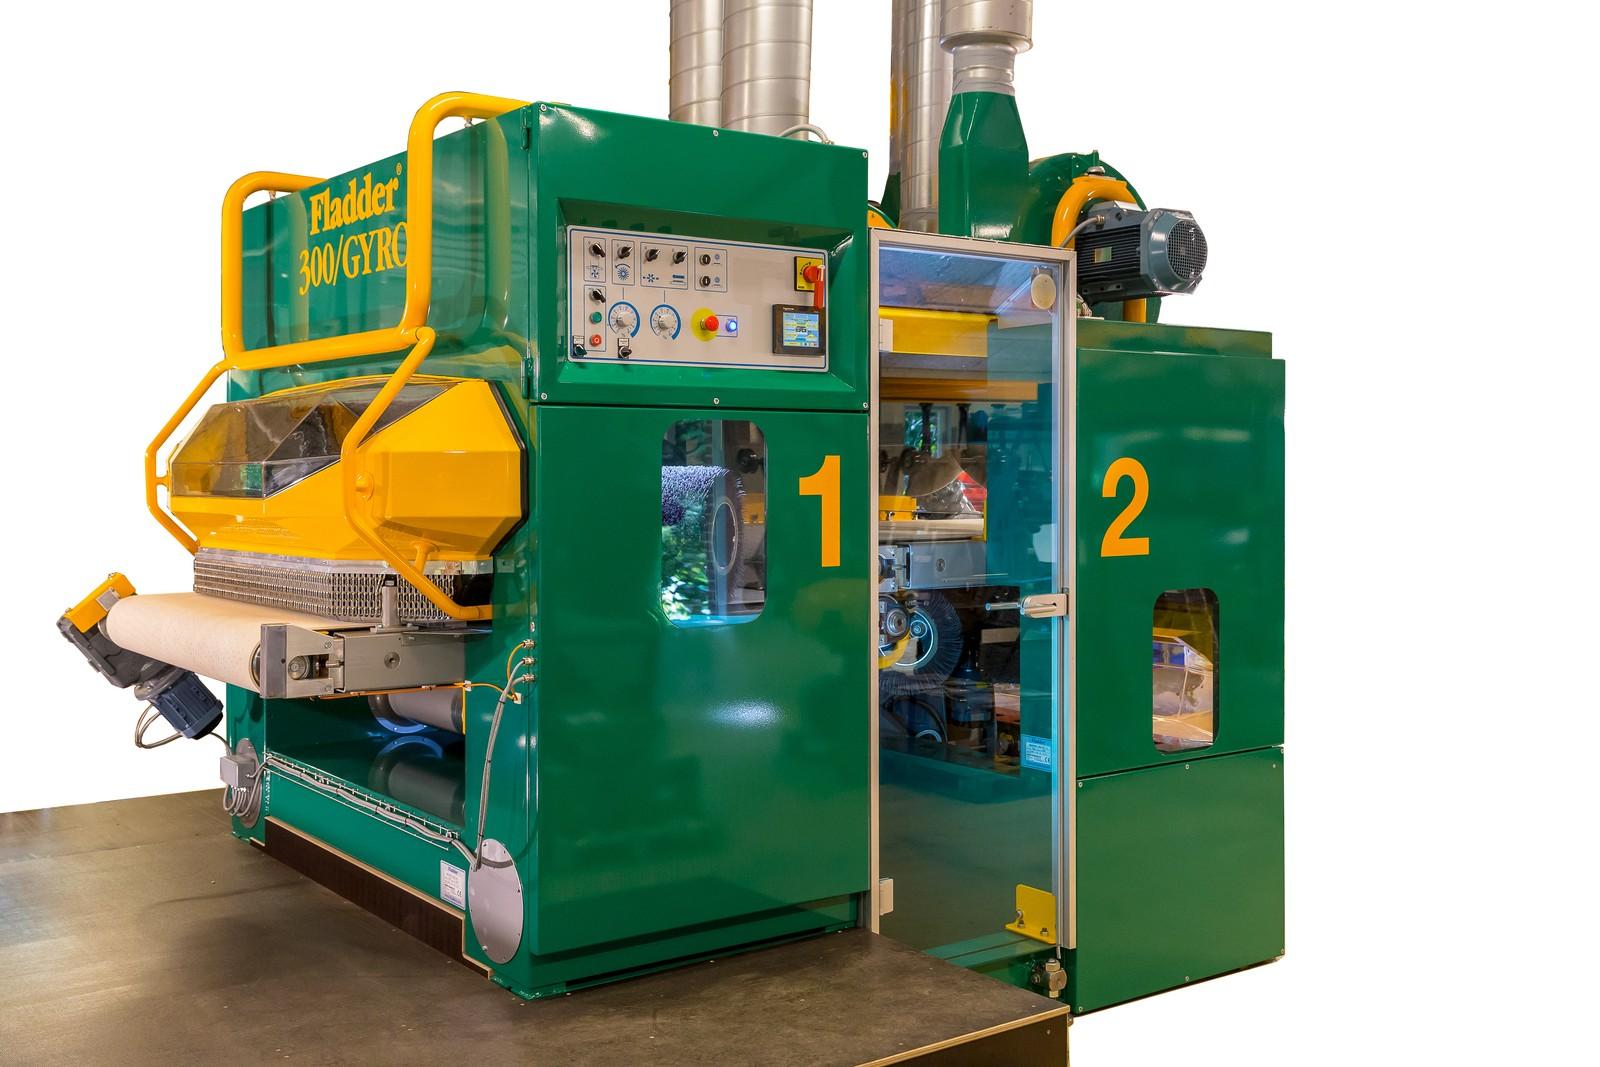 Eine normale Maschine (1) zum Entgraten der Oberseite und eine Maschine (2) zum Entgraten der Unterseite.